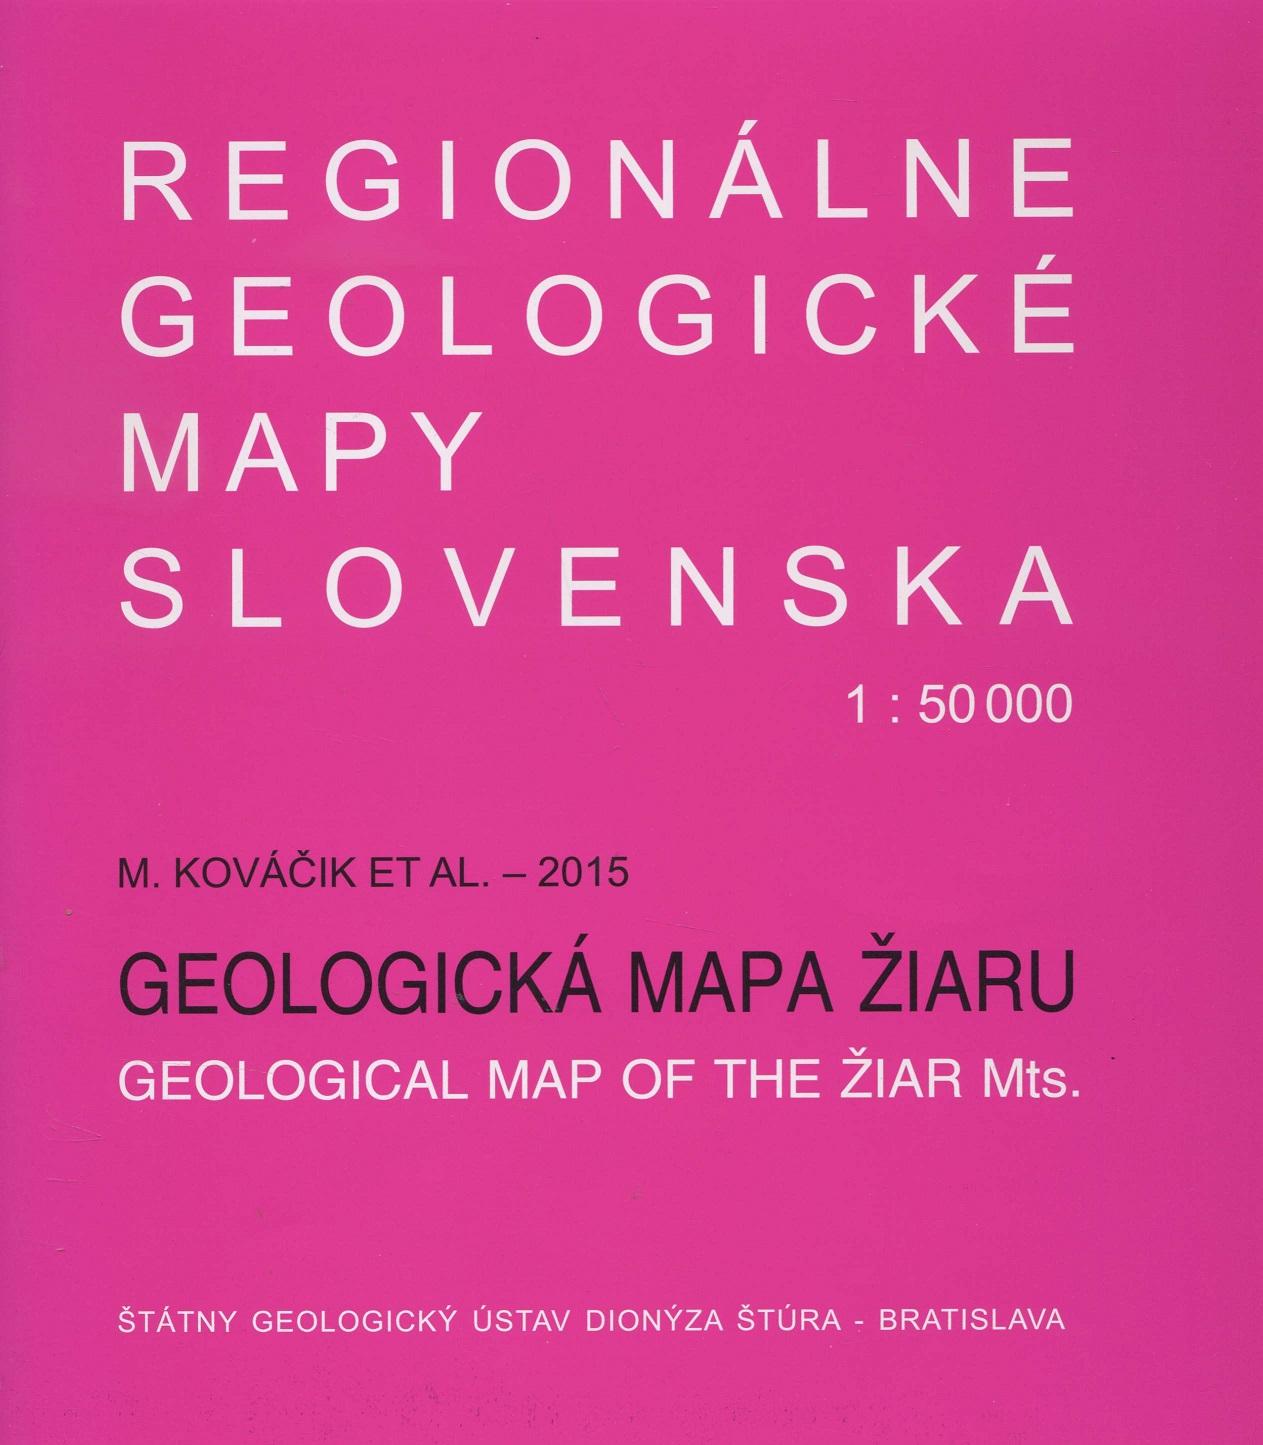 Geologická mapa Žiaru 1:50 000 - Regionálne geologické mapy Slovenska